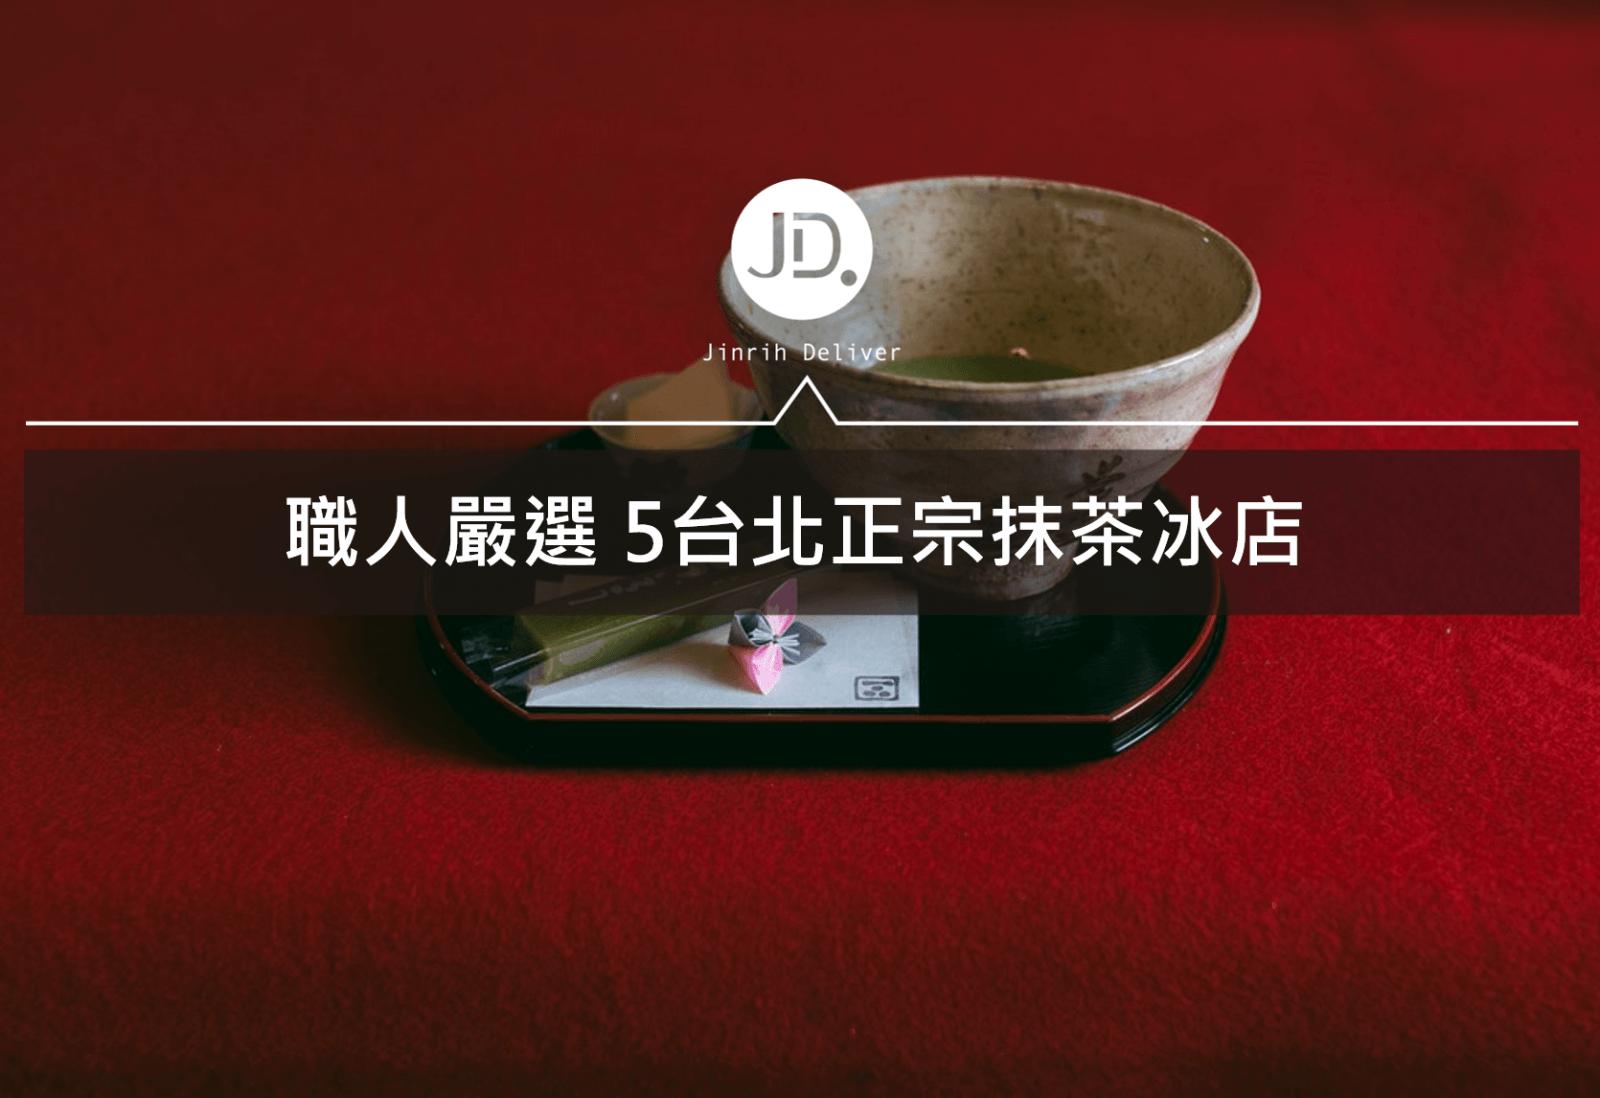 職人嚴選 5推薦台北必訪抹茶冰店